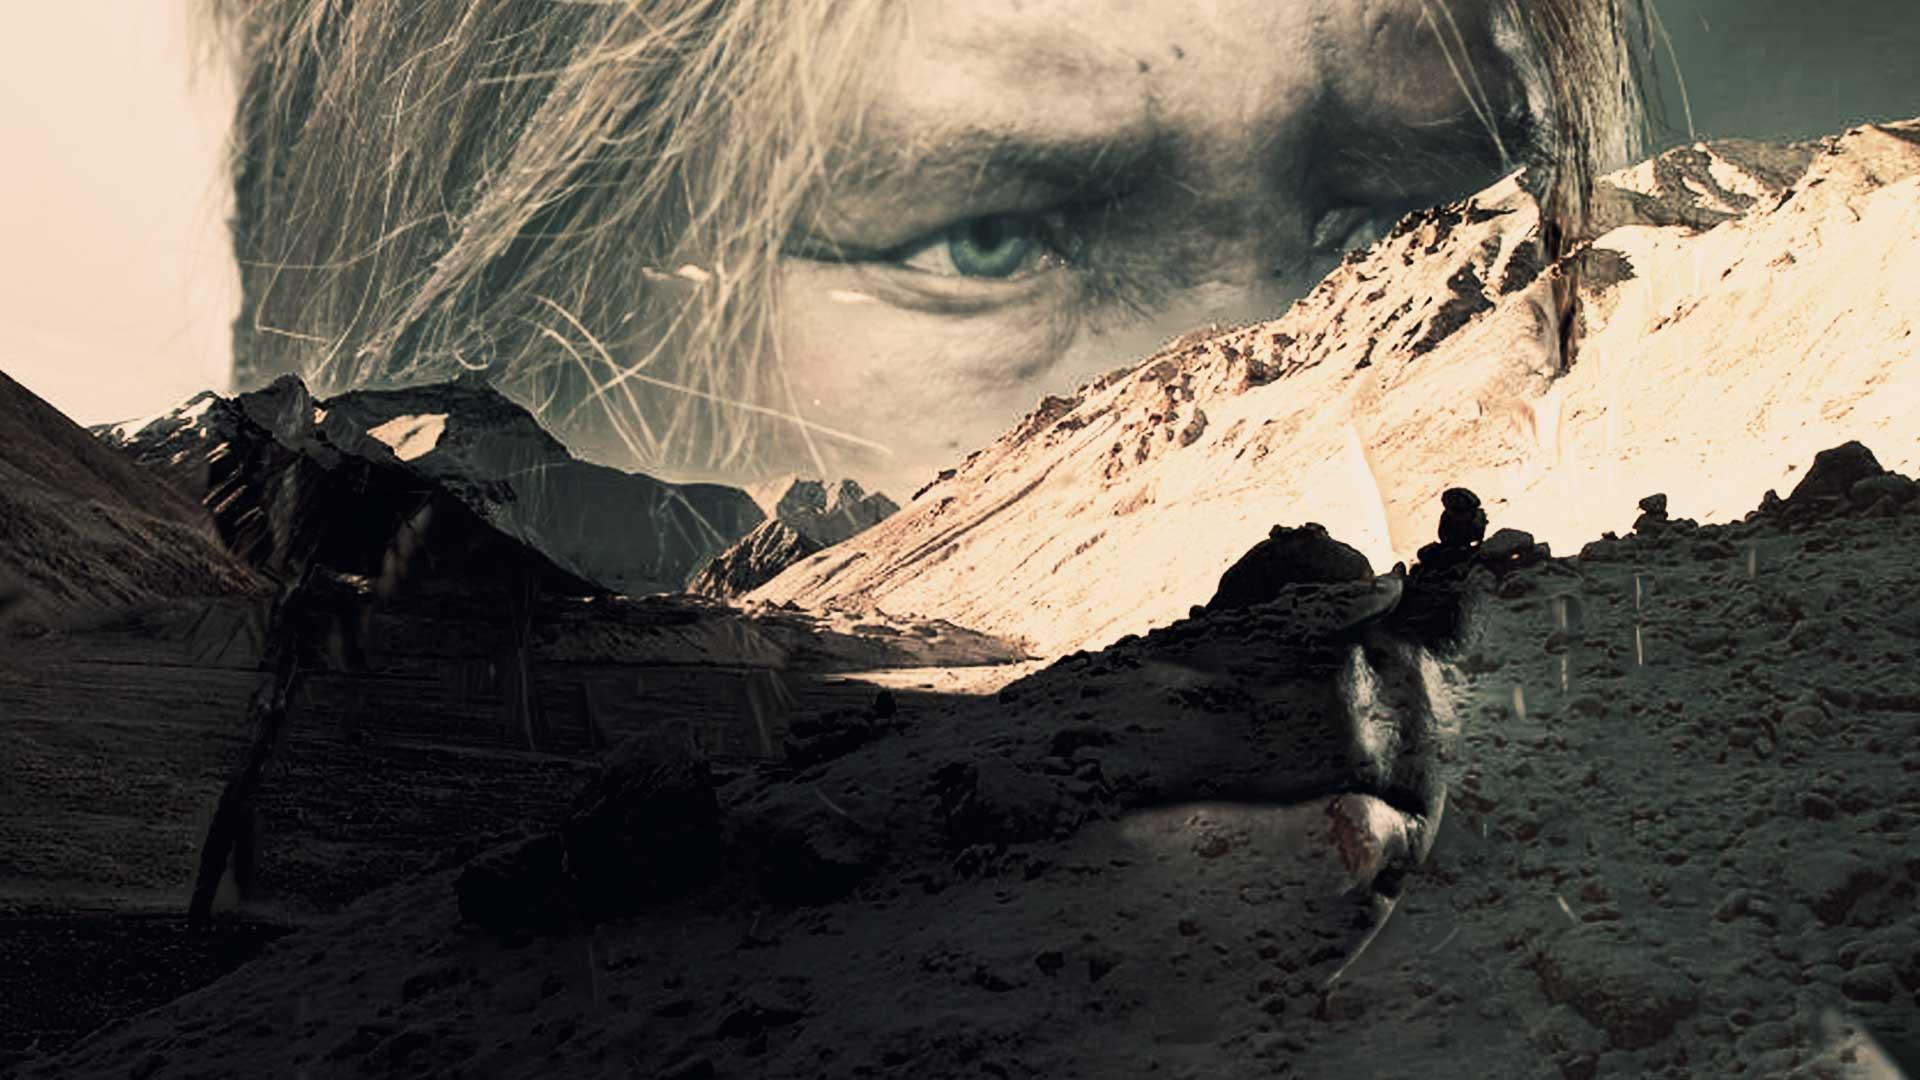 Hace 40.000 años la meseta más alta del Tíbet fue ocupada por misteriosas especies humanas